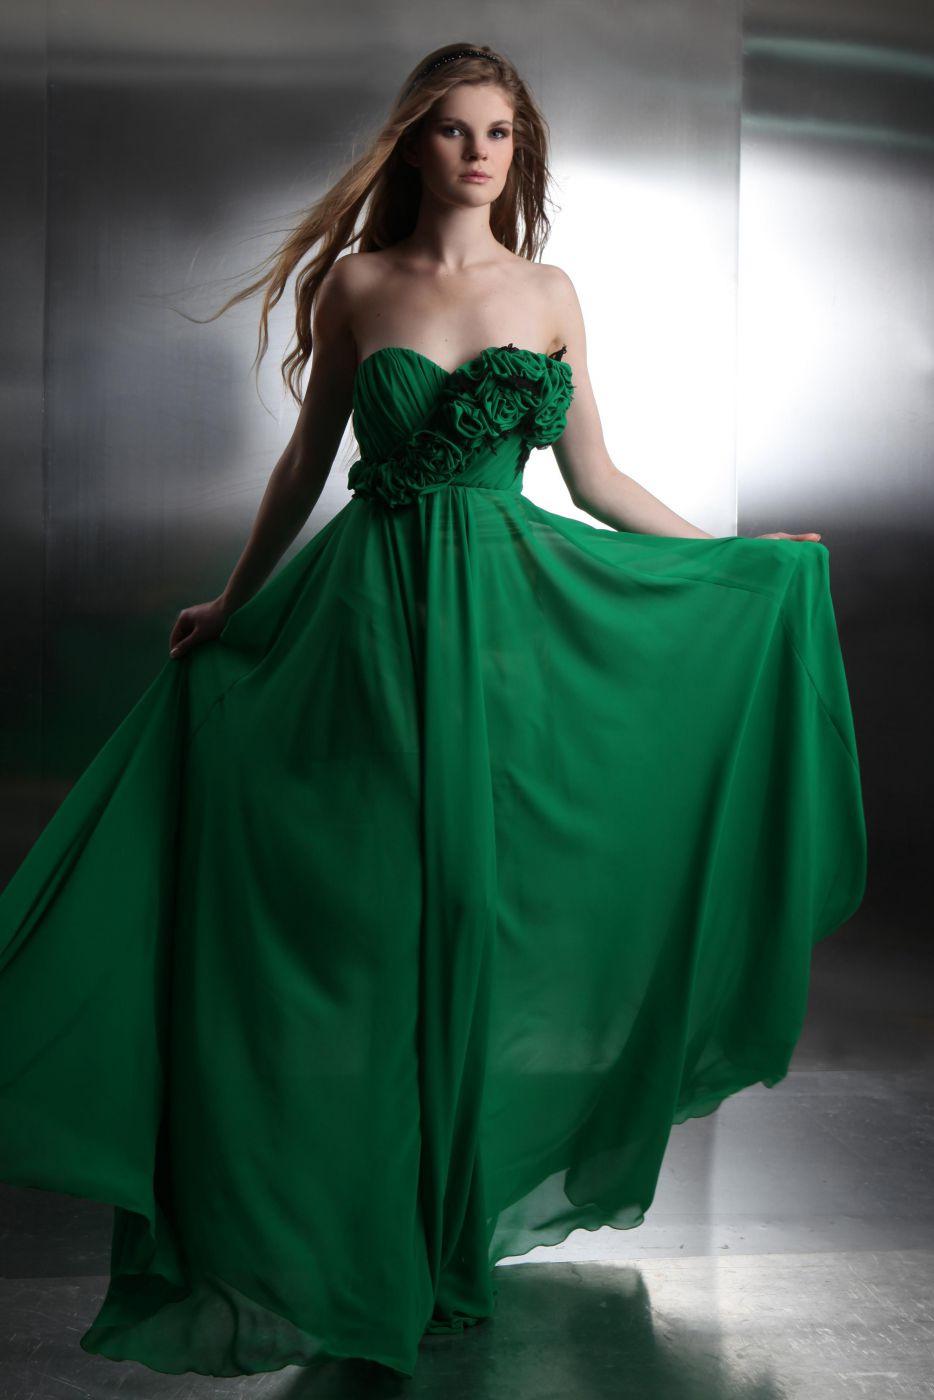 Einfach Grünes Abend Kleid DesignAbend Schön Grünes Abend Kleid Boutique